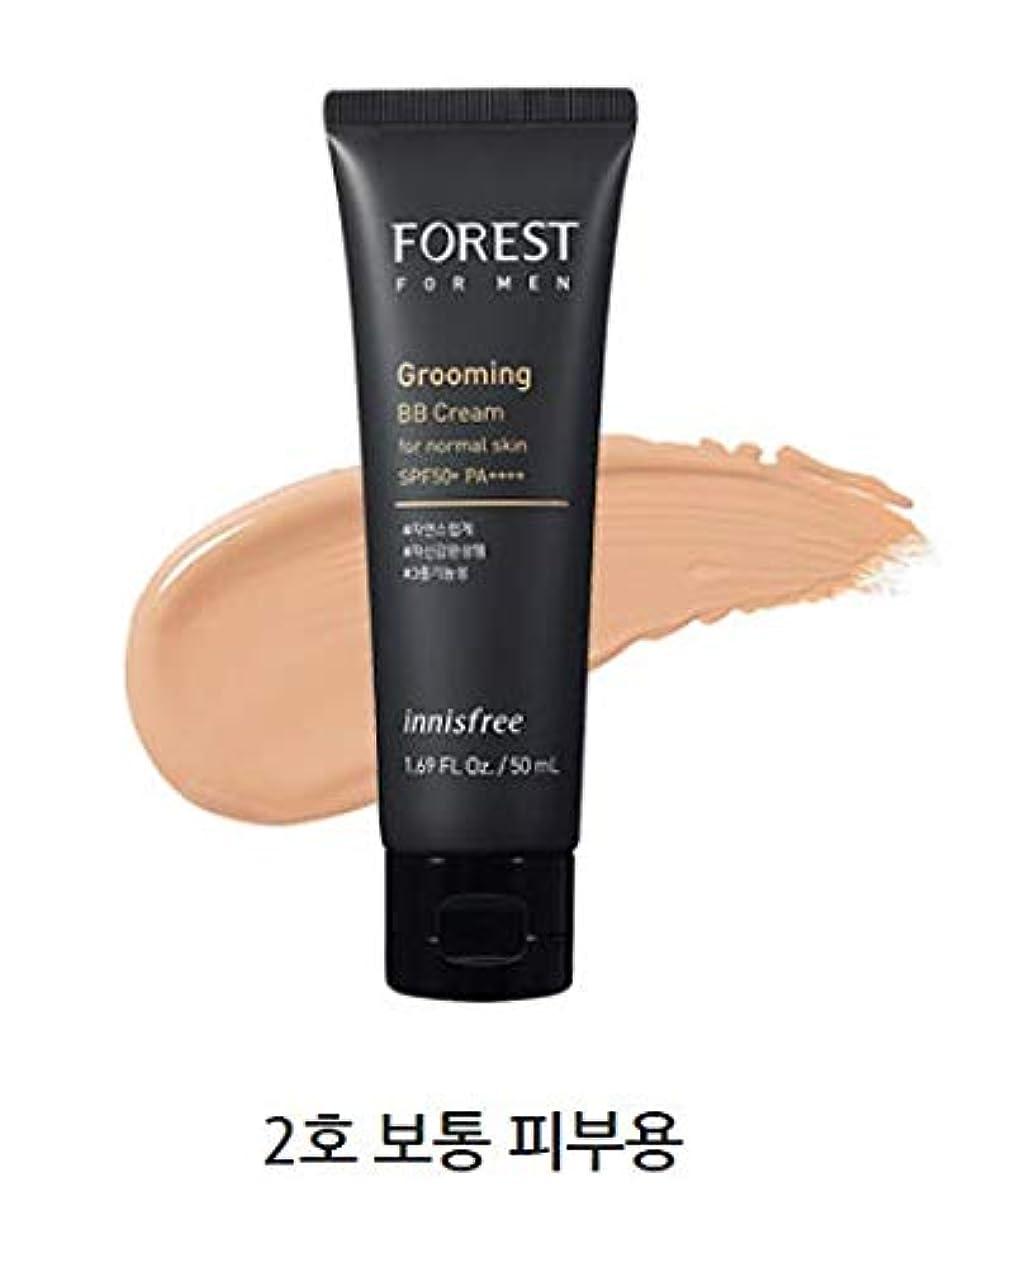 手数料アナニバーフィード[イニスフリー.innisfree]フォレストフォアマングルーミングBBクリームSPF50+ PA++++50mL/ FOREST FOR MEN GROOMING BB CREAM SPF50+ PA++++ (#2 通常肌用)